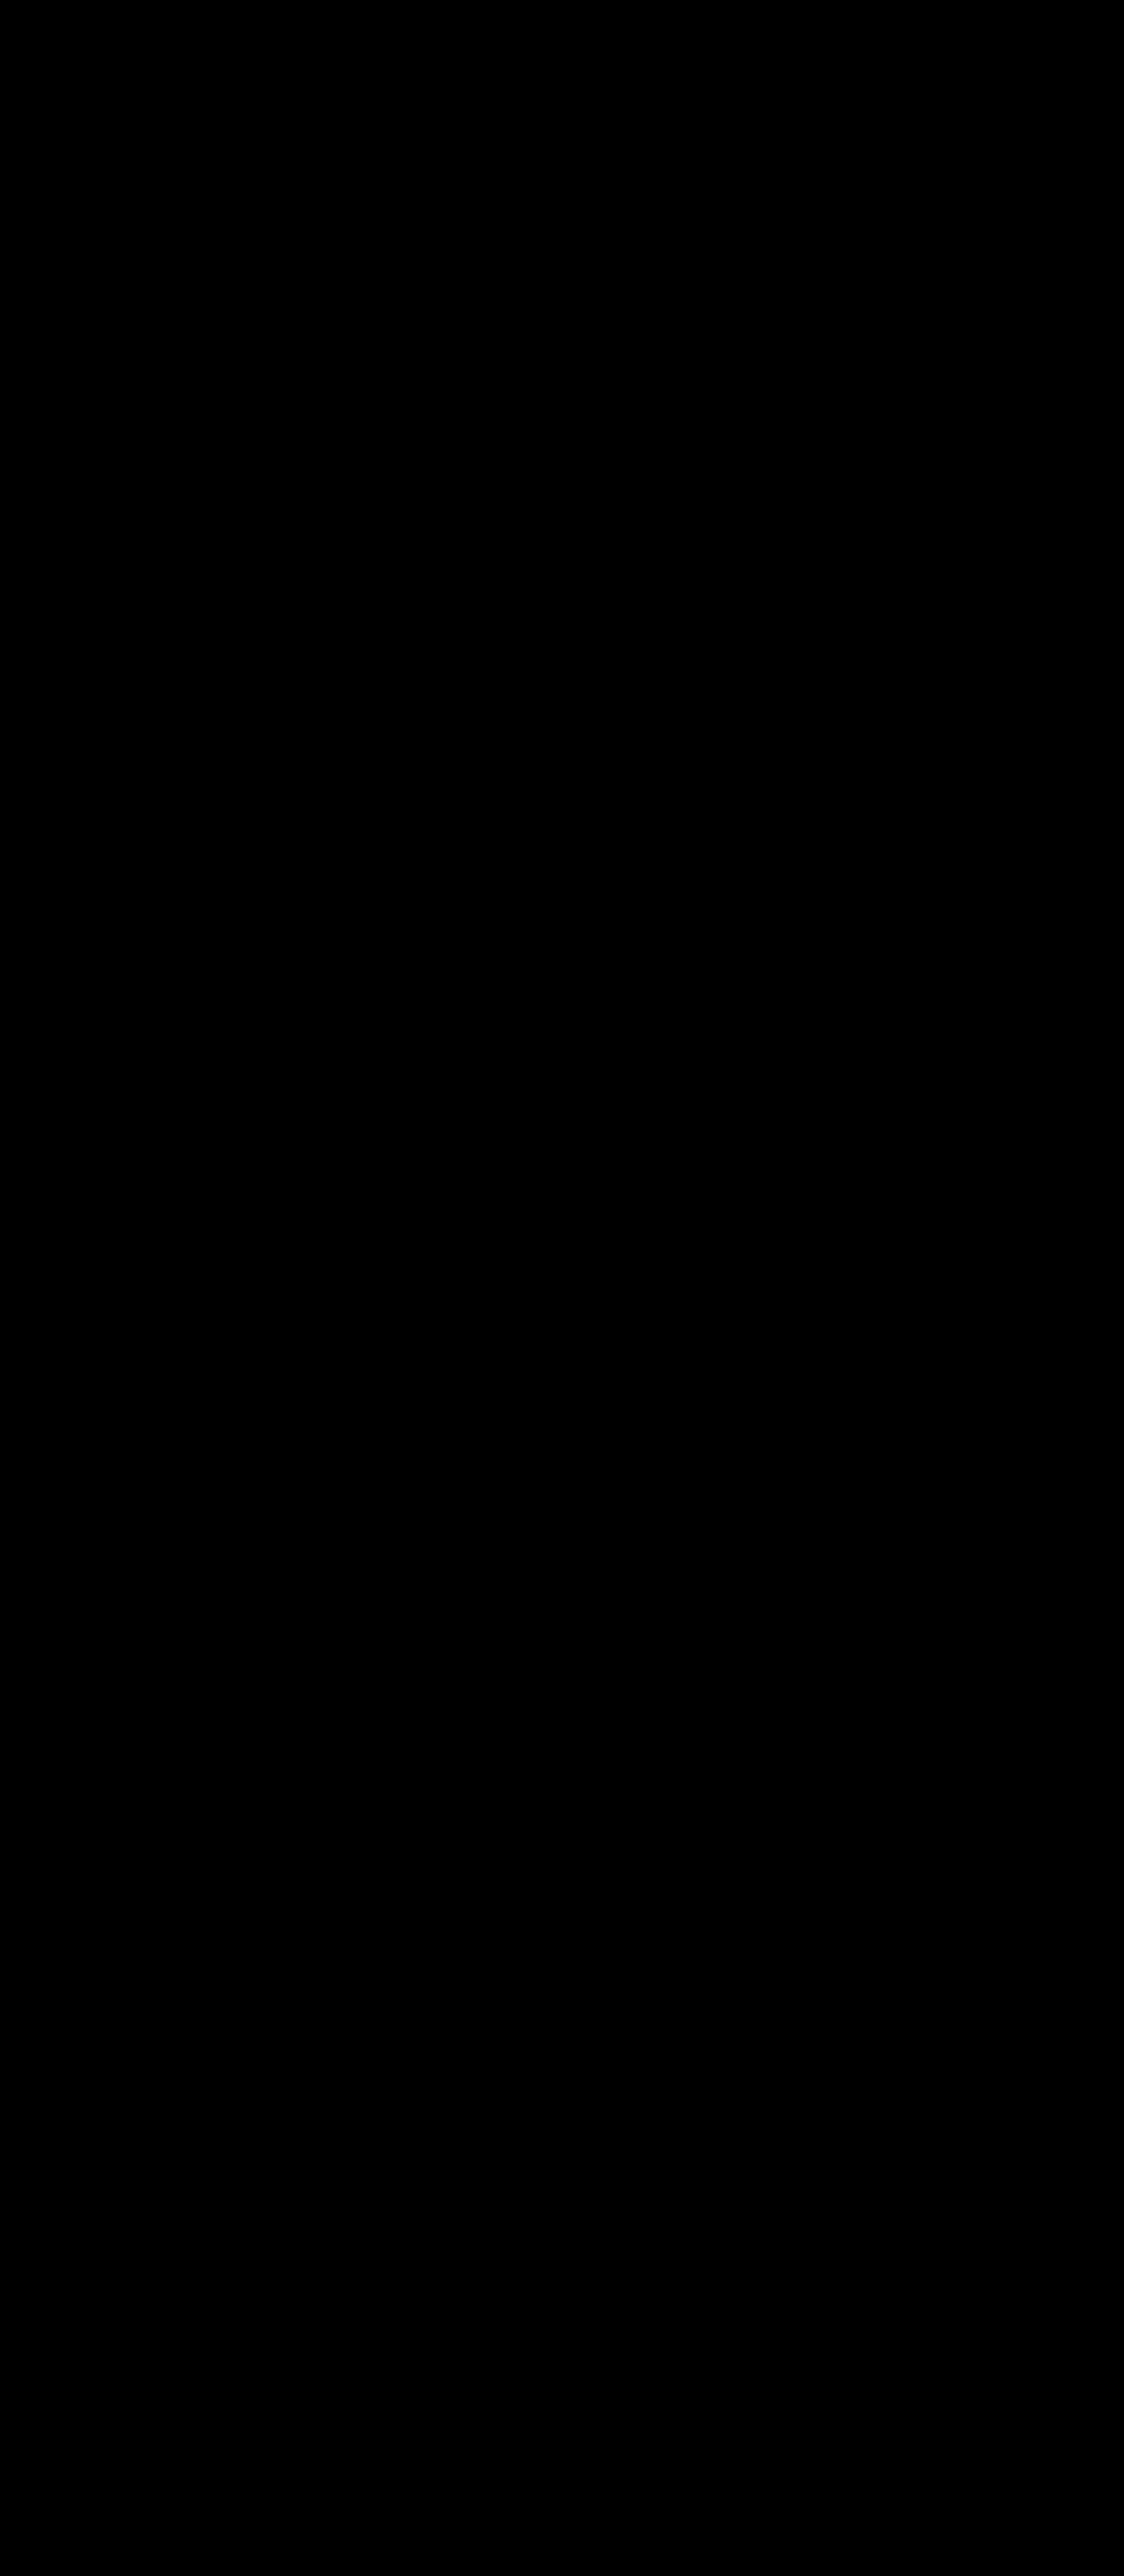 1 Stk Aufputz-Zählerverteiler 2A-28E/WIEN 2ZP, H1380B590T250mm IL160228WS